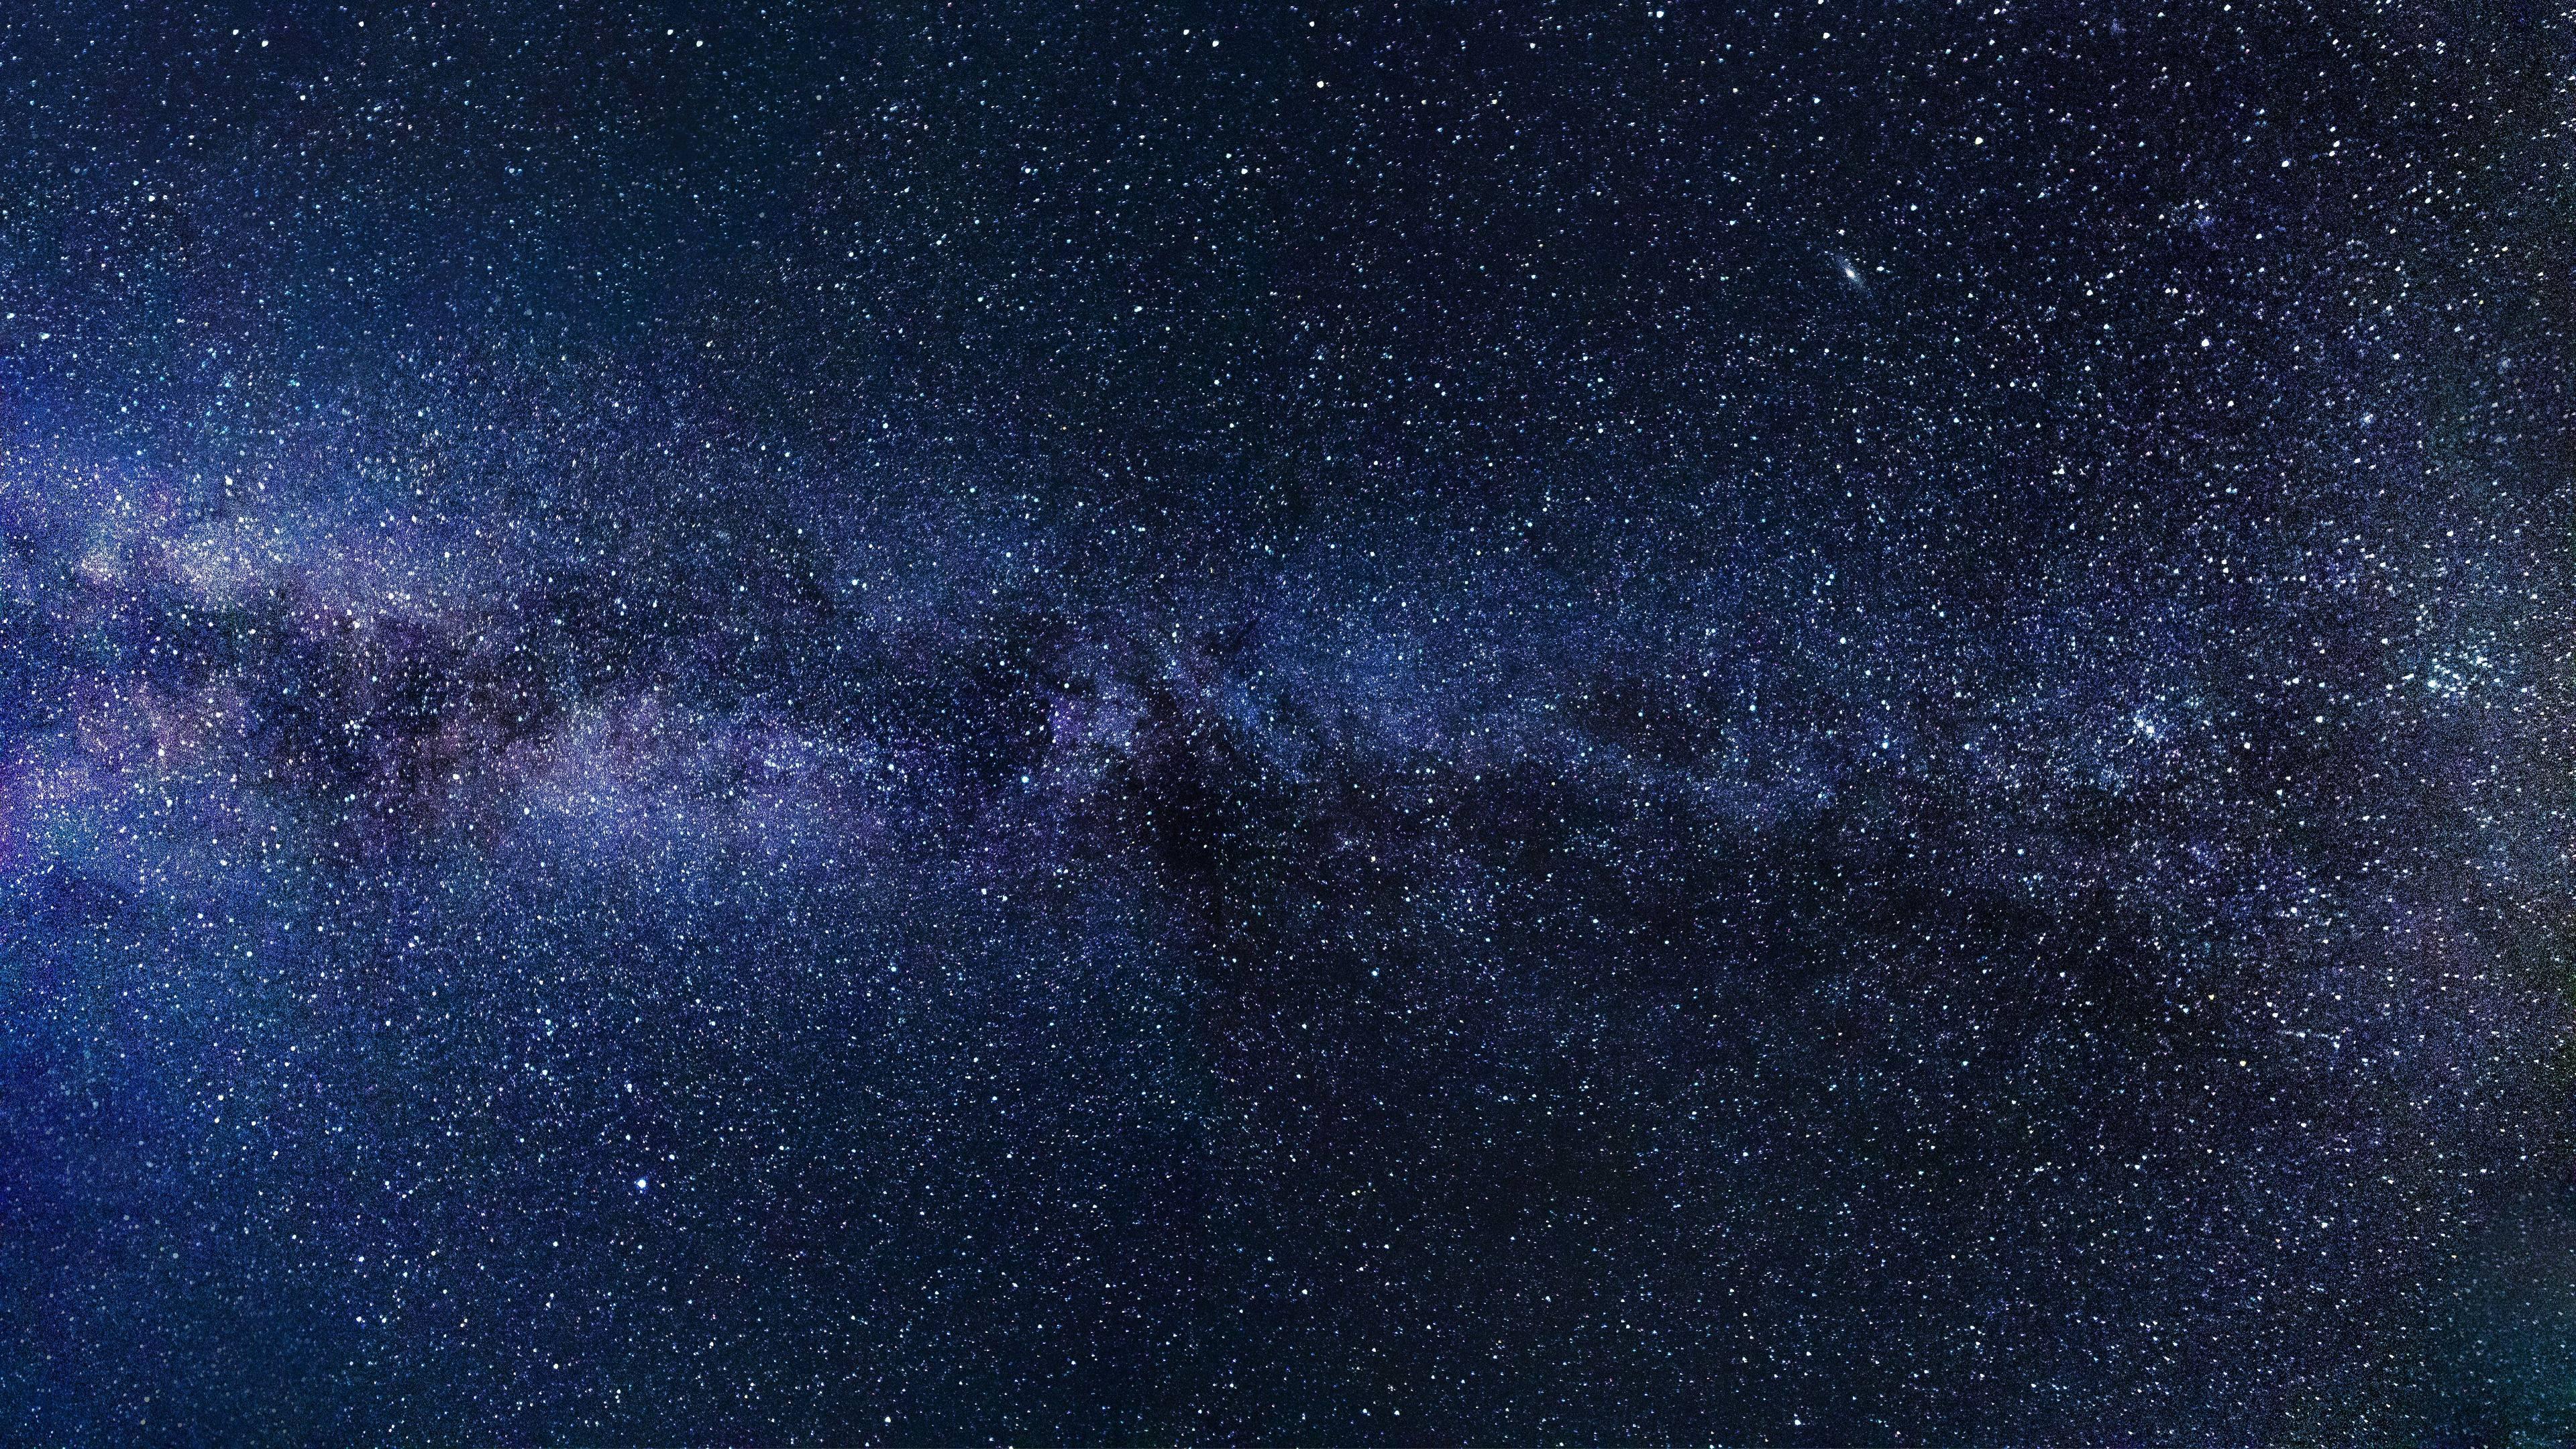 milky way starry sky night 4k 1546278925 - Milky Way Starry Sky Night 4k - universe wallpapers, stars wallpapers, scifi wallpapers, photography wallpapers, milky way wallpapers, hd-wallpapers, digital universe wallpapers, 5k wallpapers, 4k-wallpapers